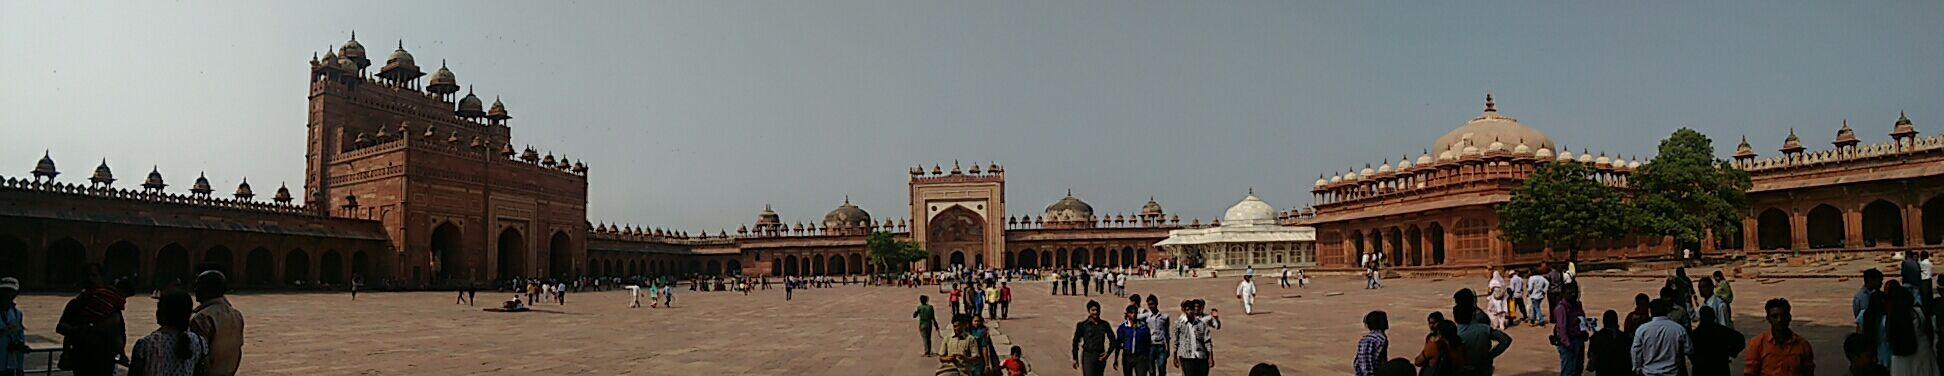 Fatehpur Sikri.....panoramic view.